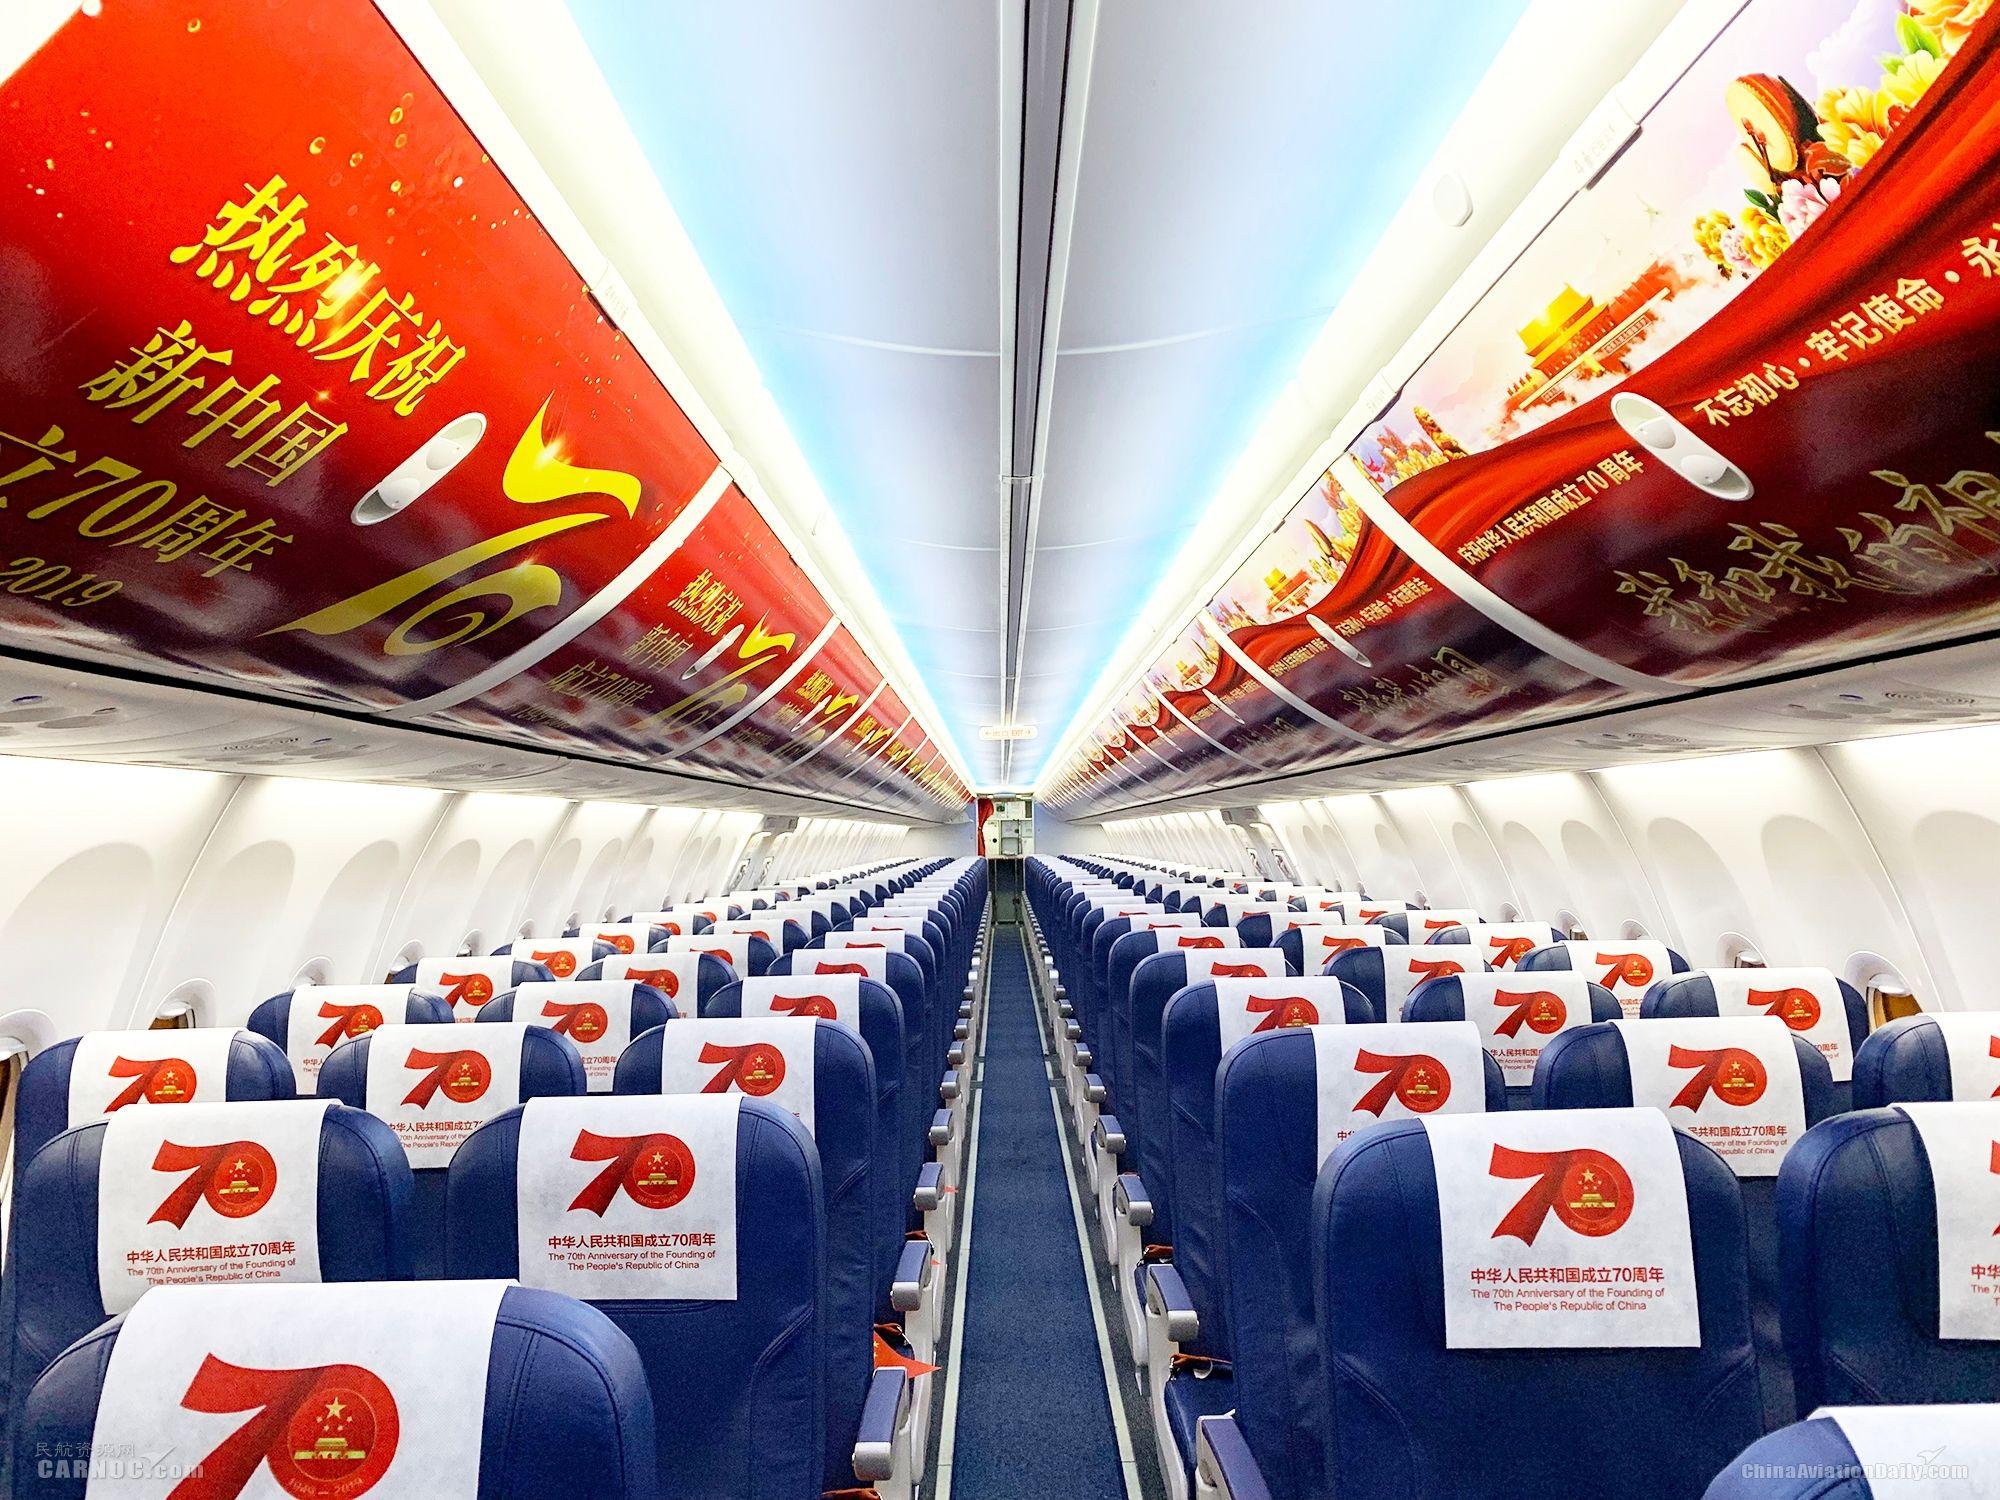 万米高空红旗飘飘,瑞丽航空祝祖国生日快乐